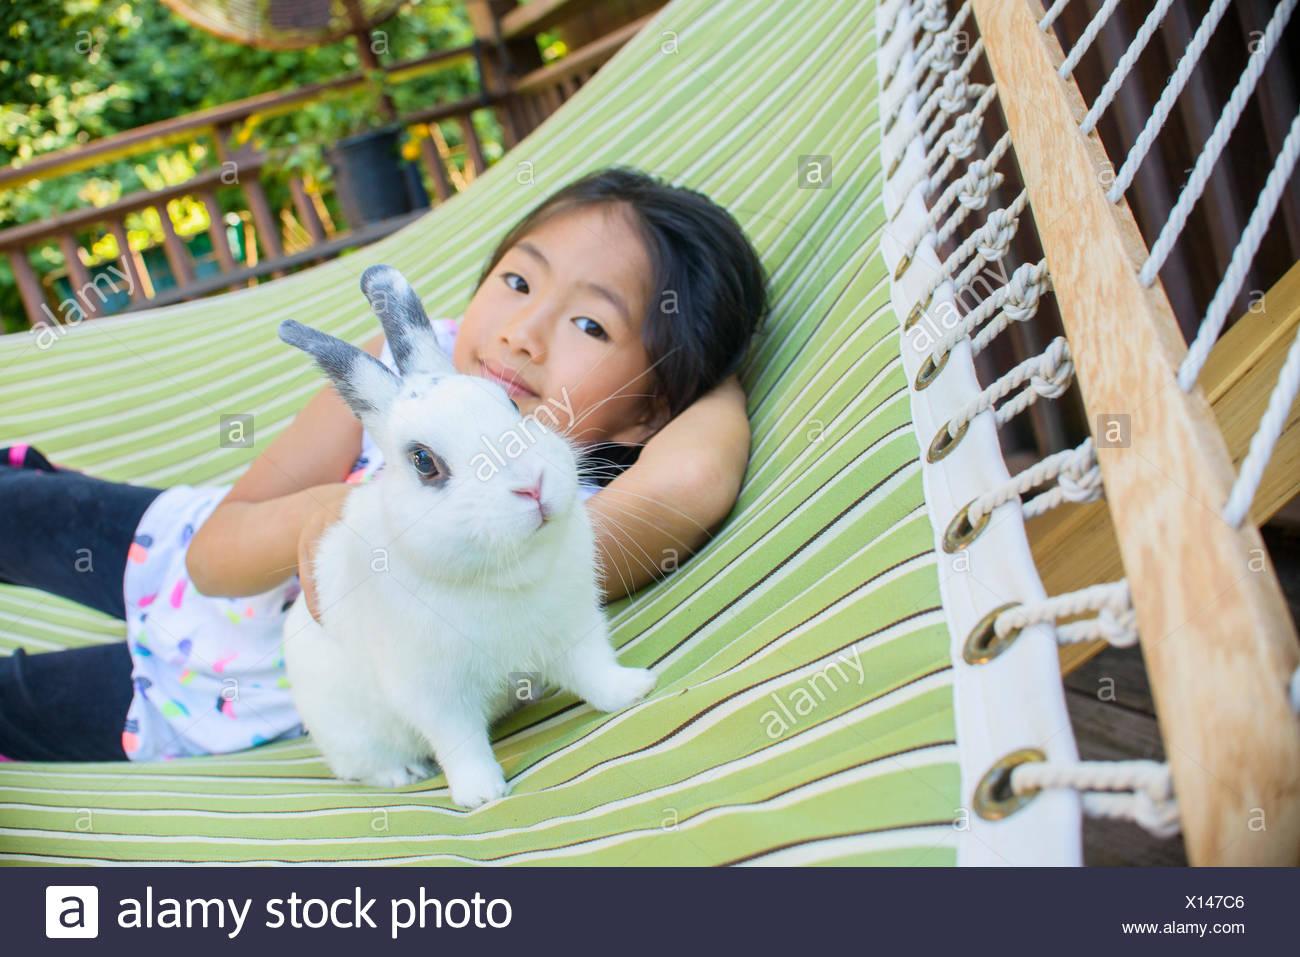 Joven asiática en hamaca con pet rabbit Imagen De Stock